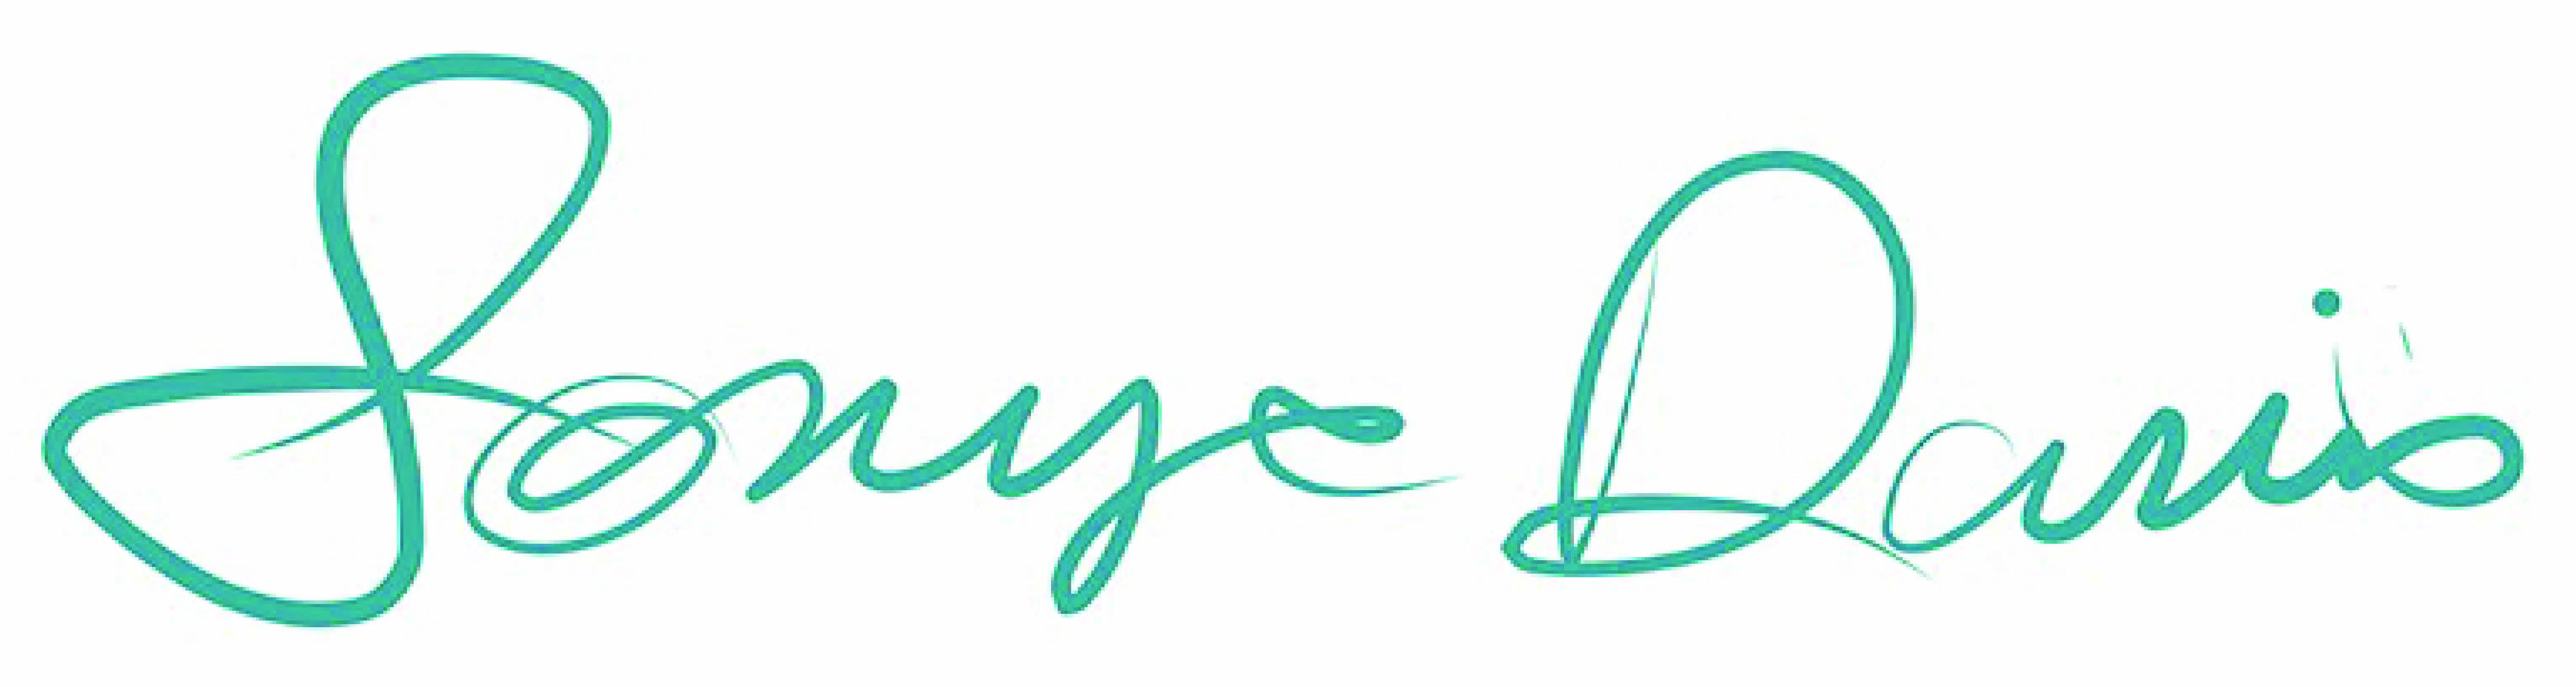 Sonya Davis's Signature